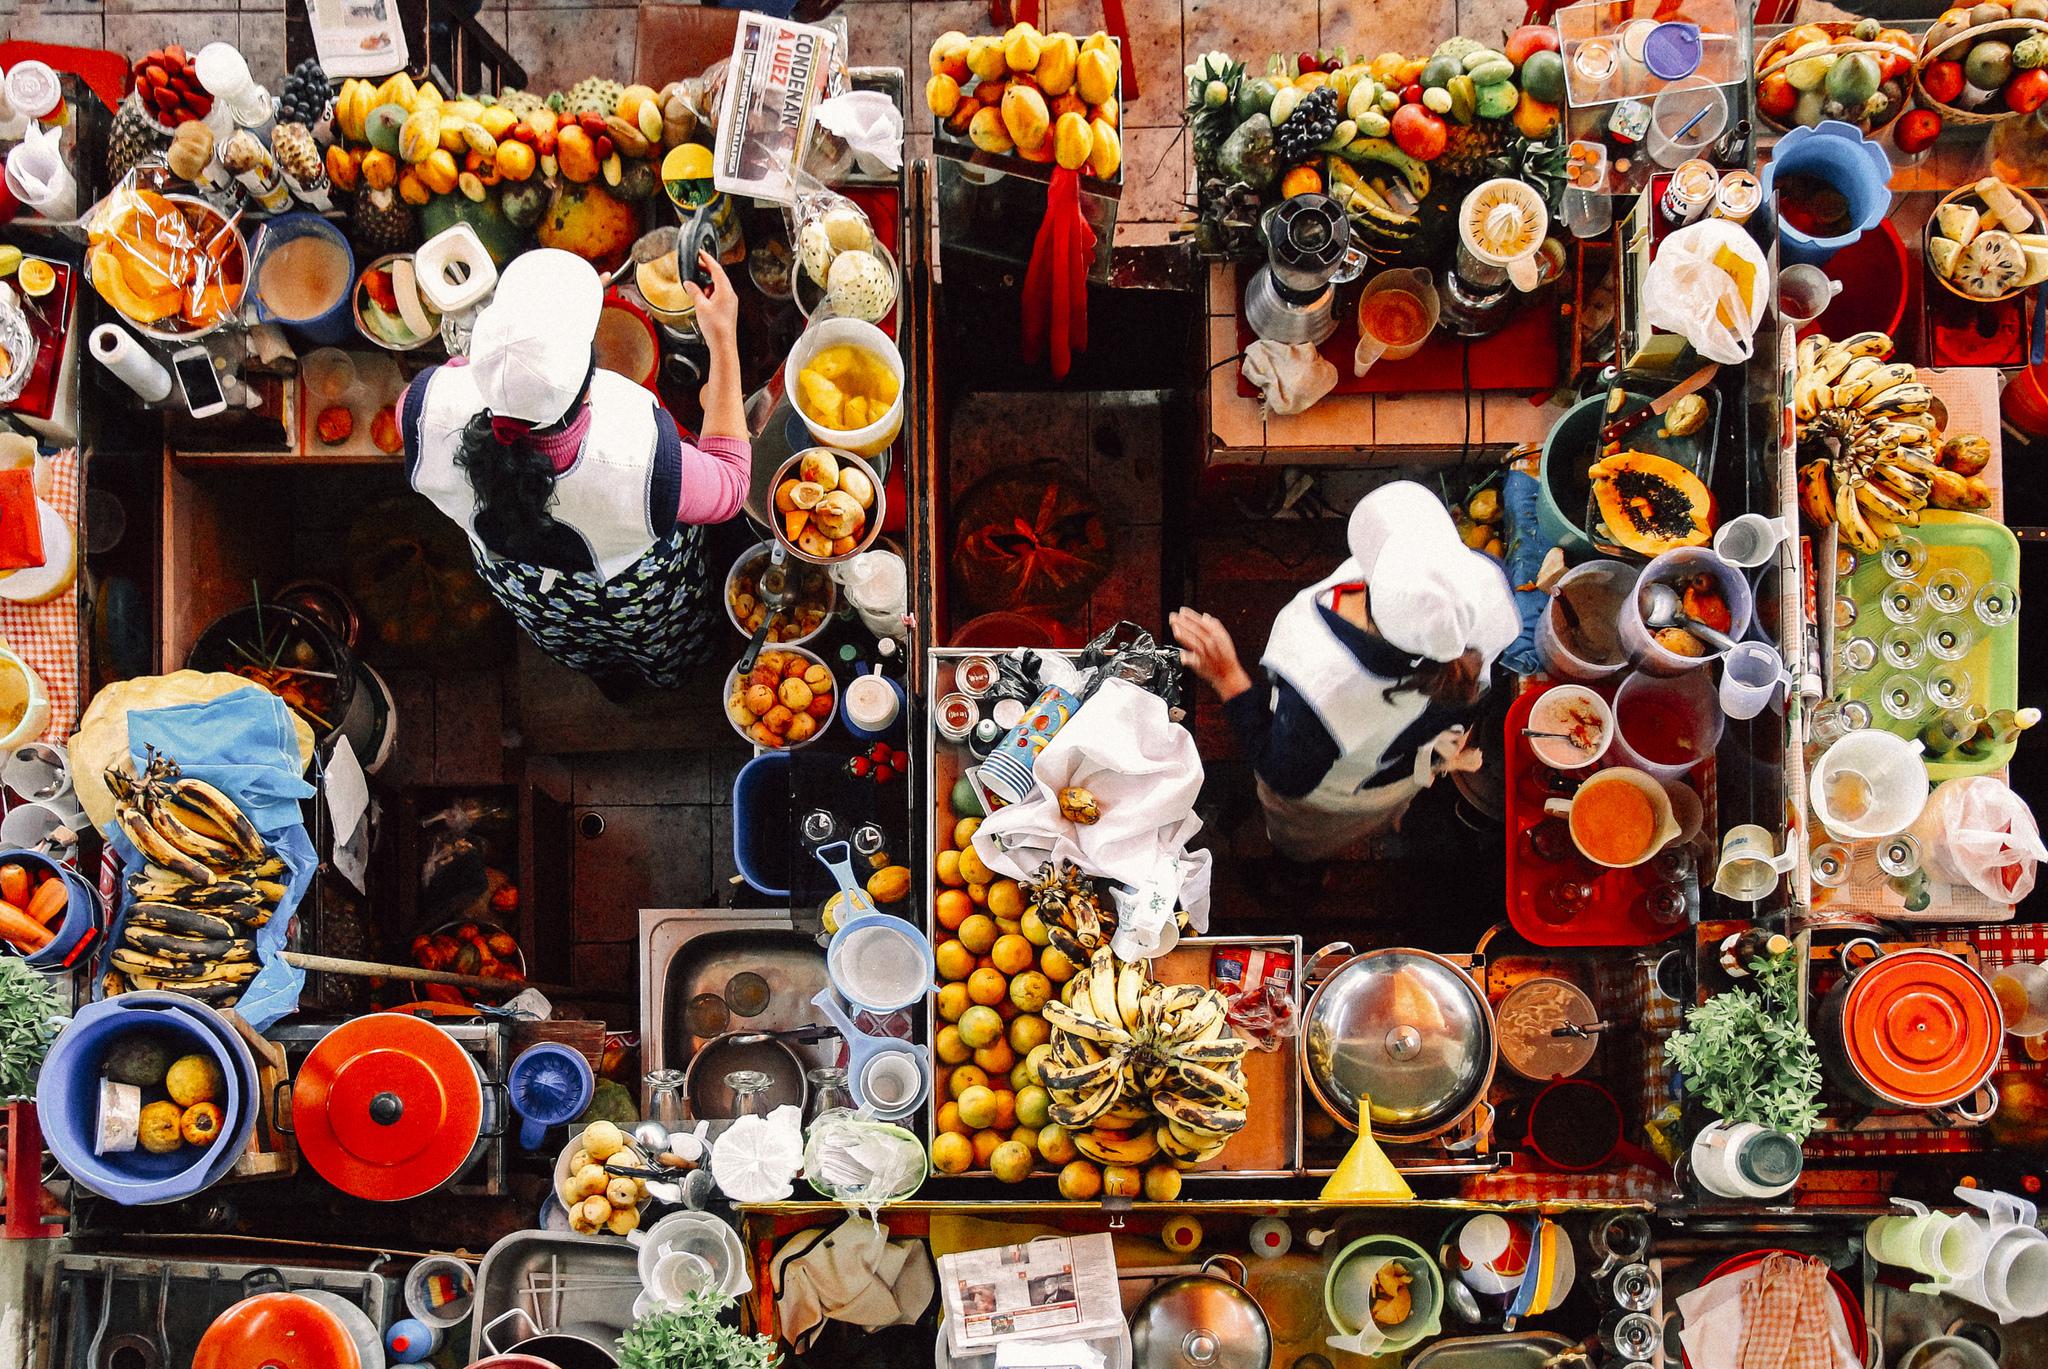 Quatro mercados gastronómicos para uma aventura gourmet